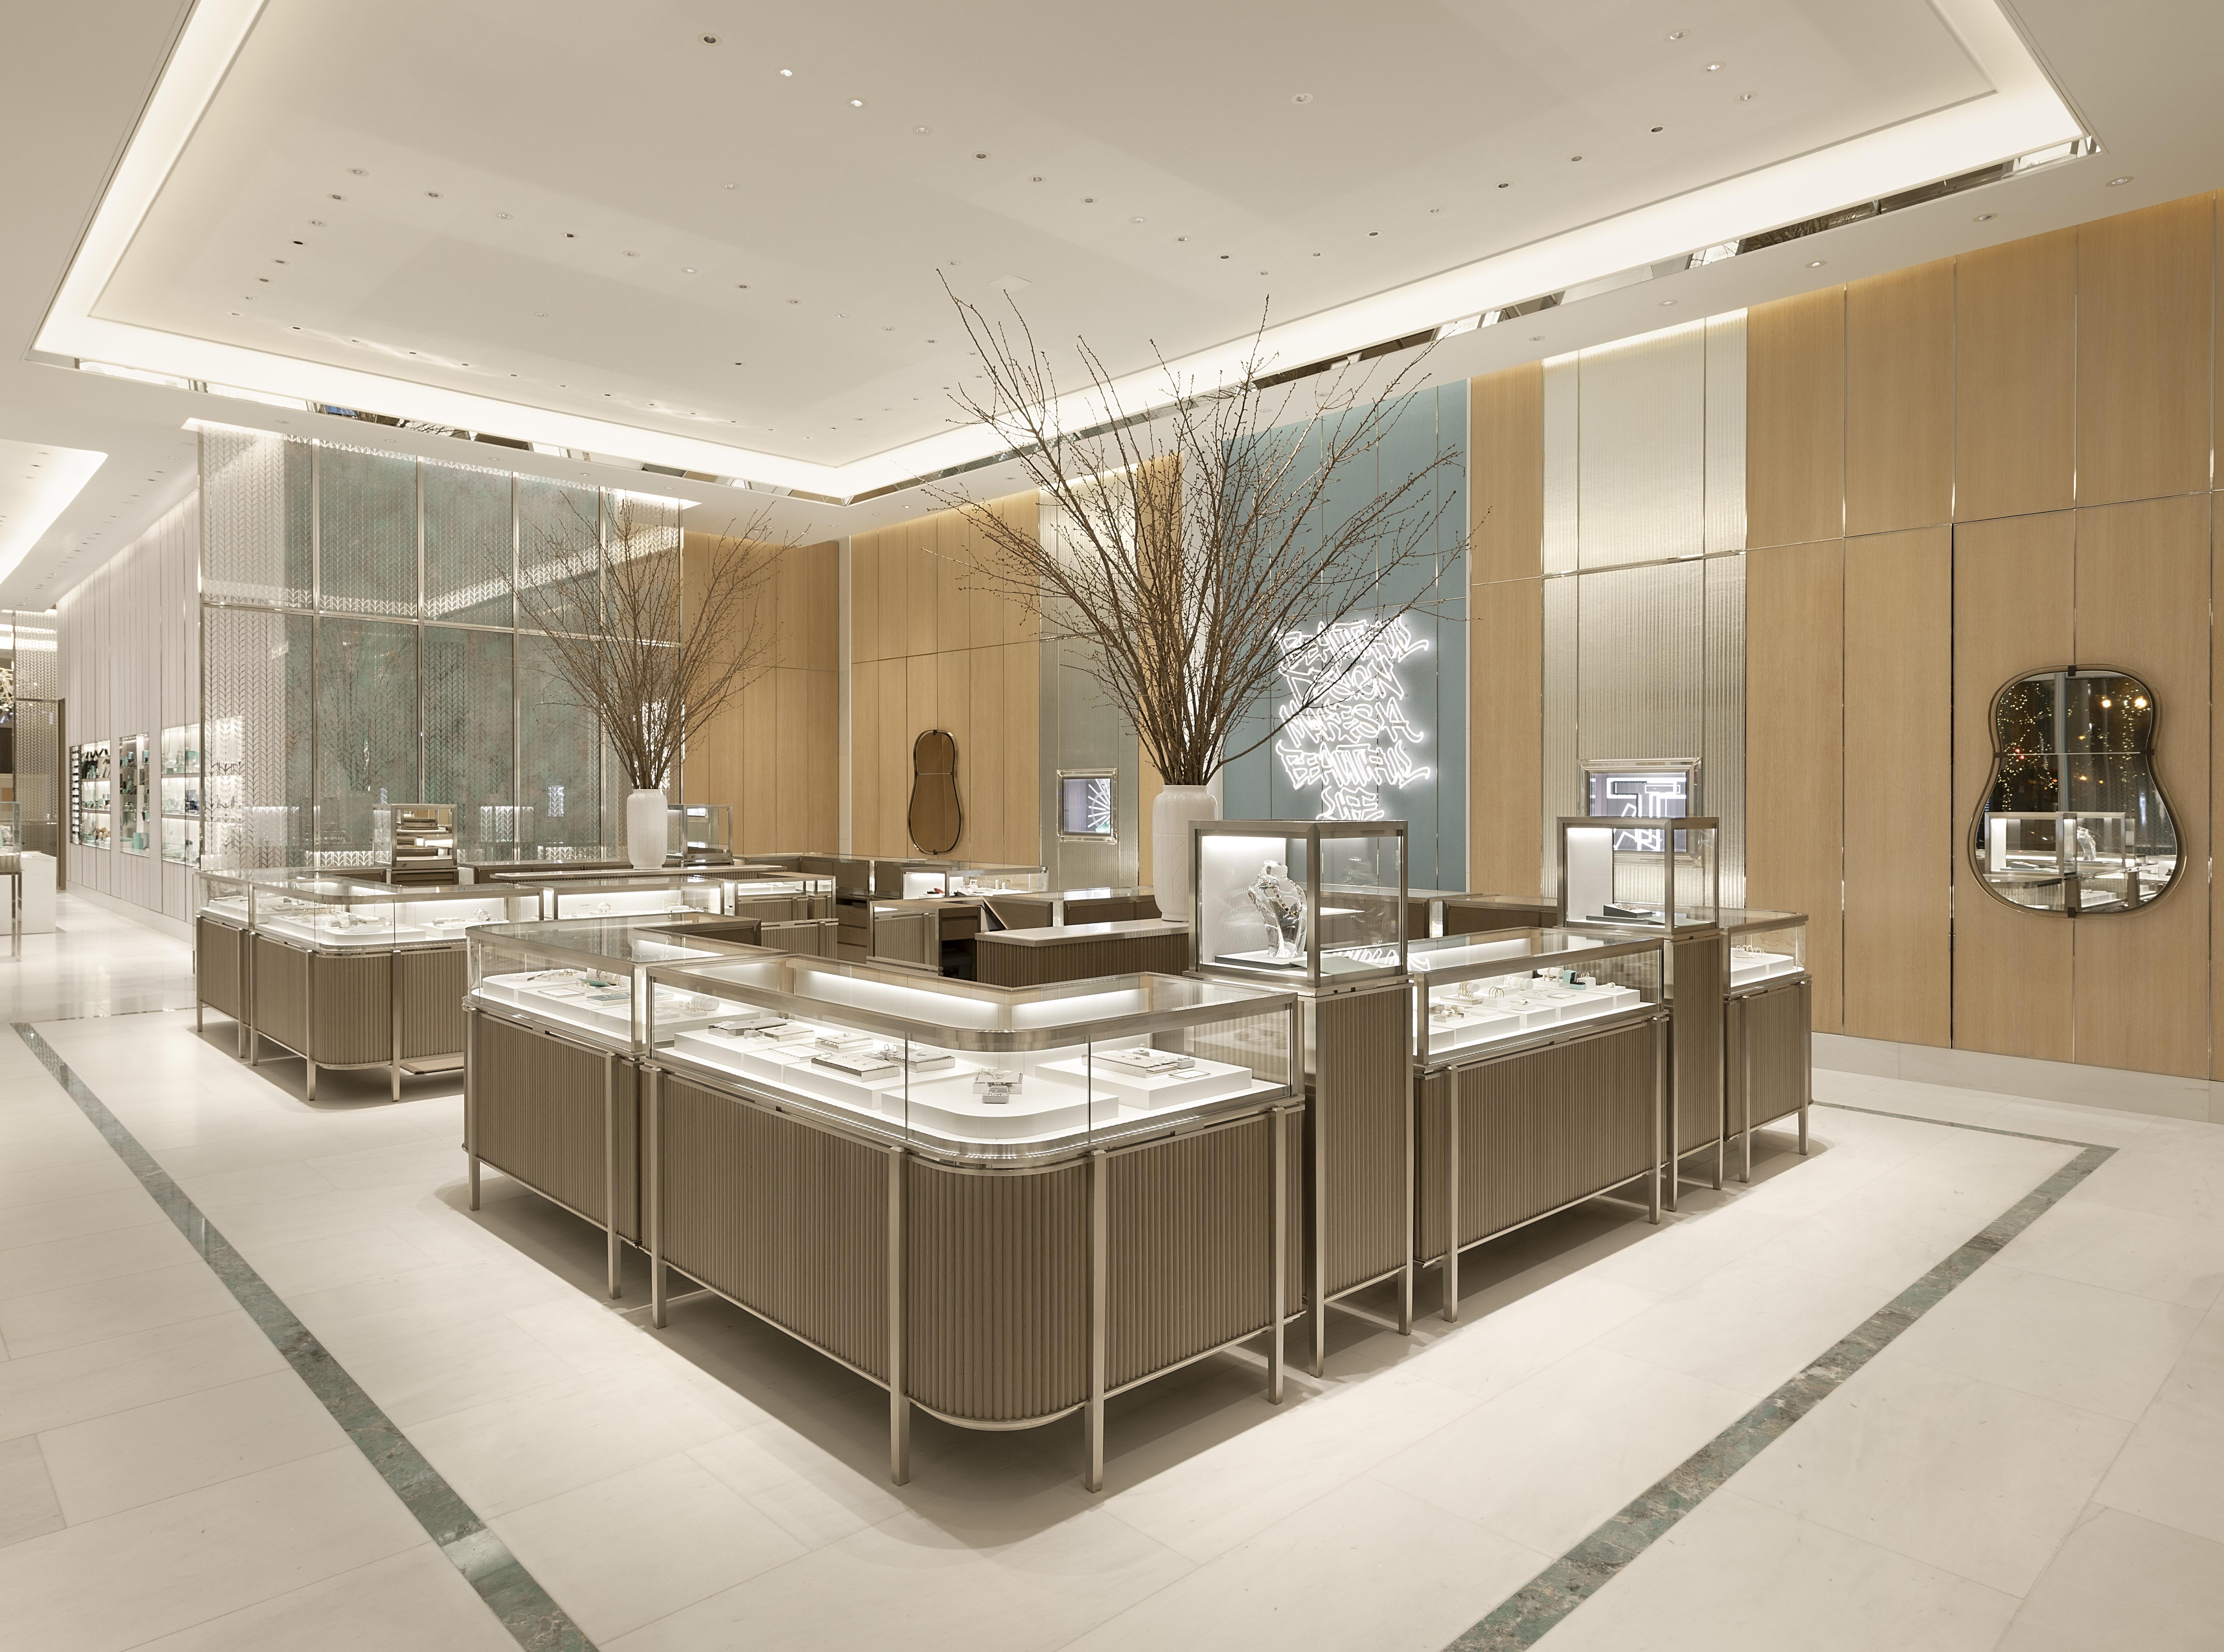 The interior of Tiffany & Co.'s Washington D.C. store.